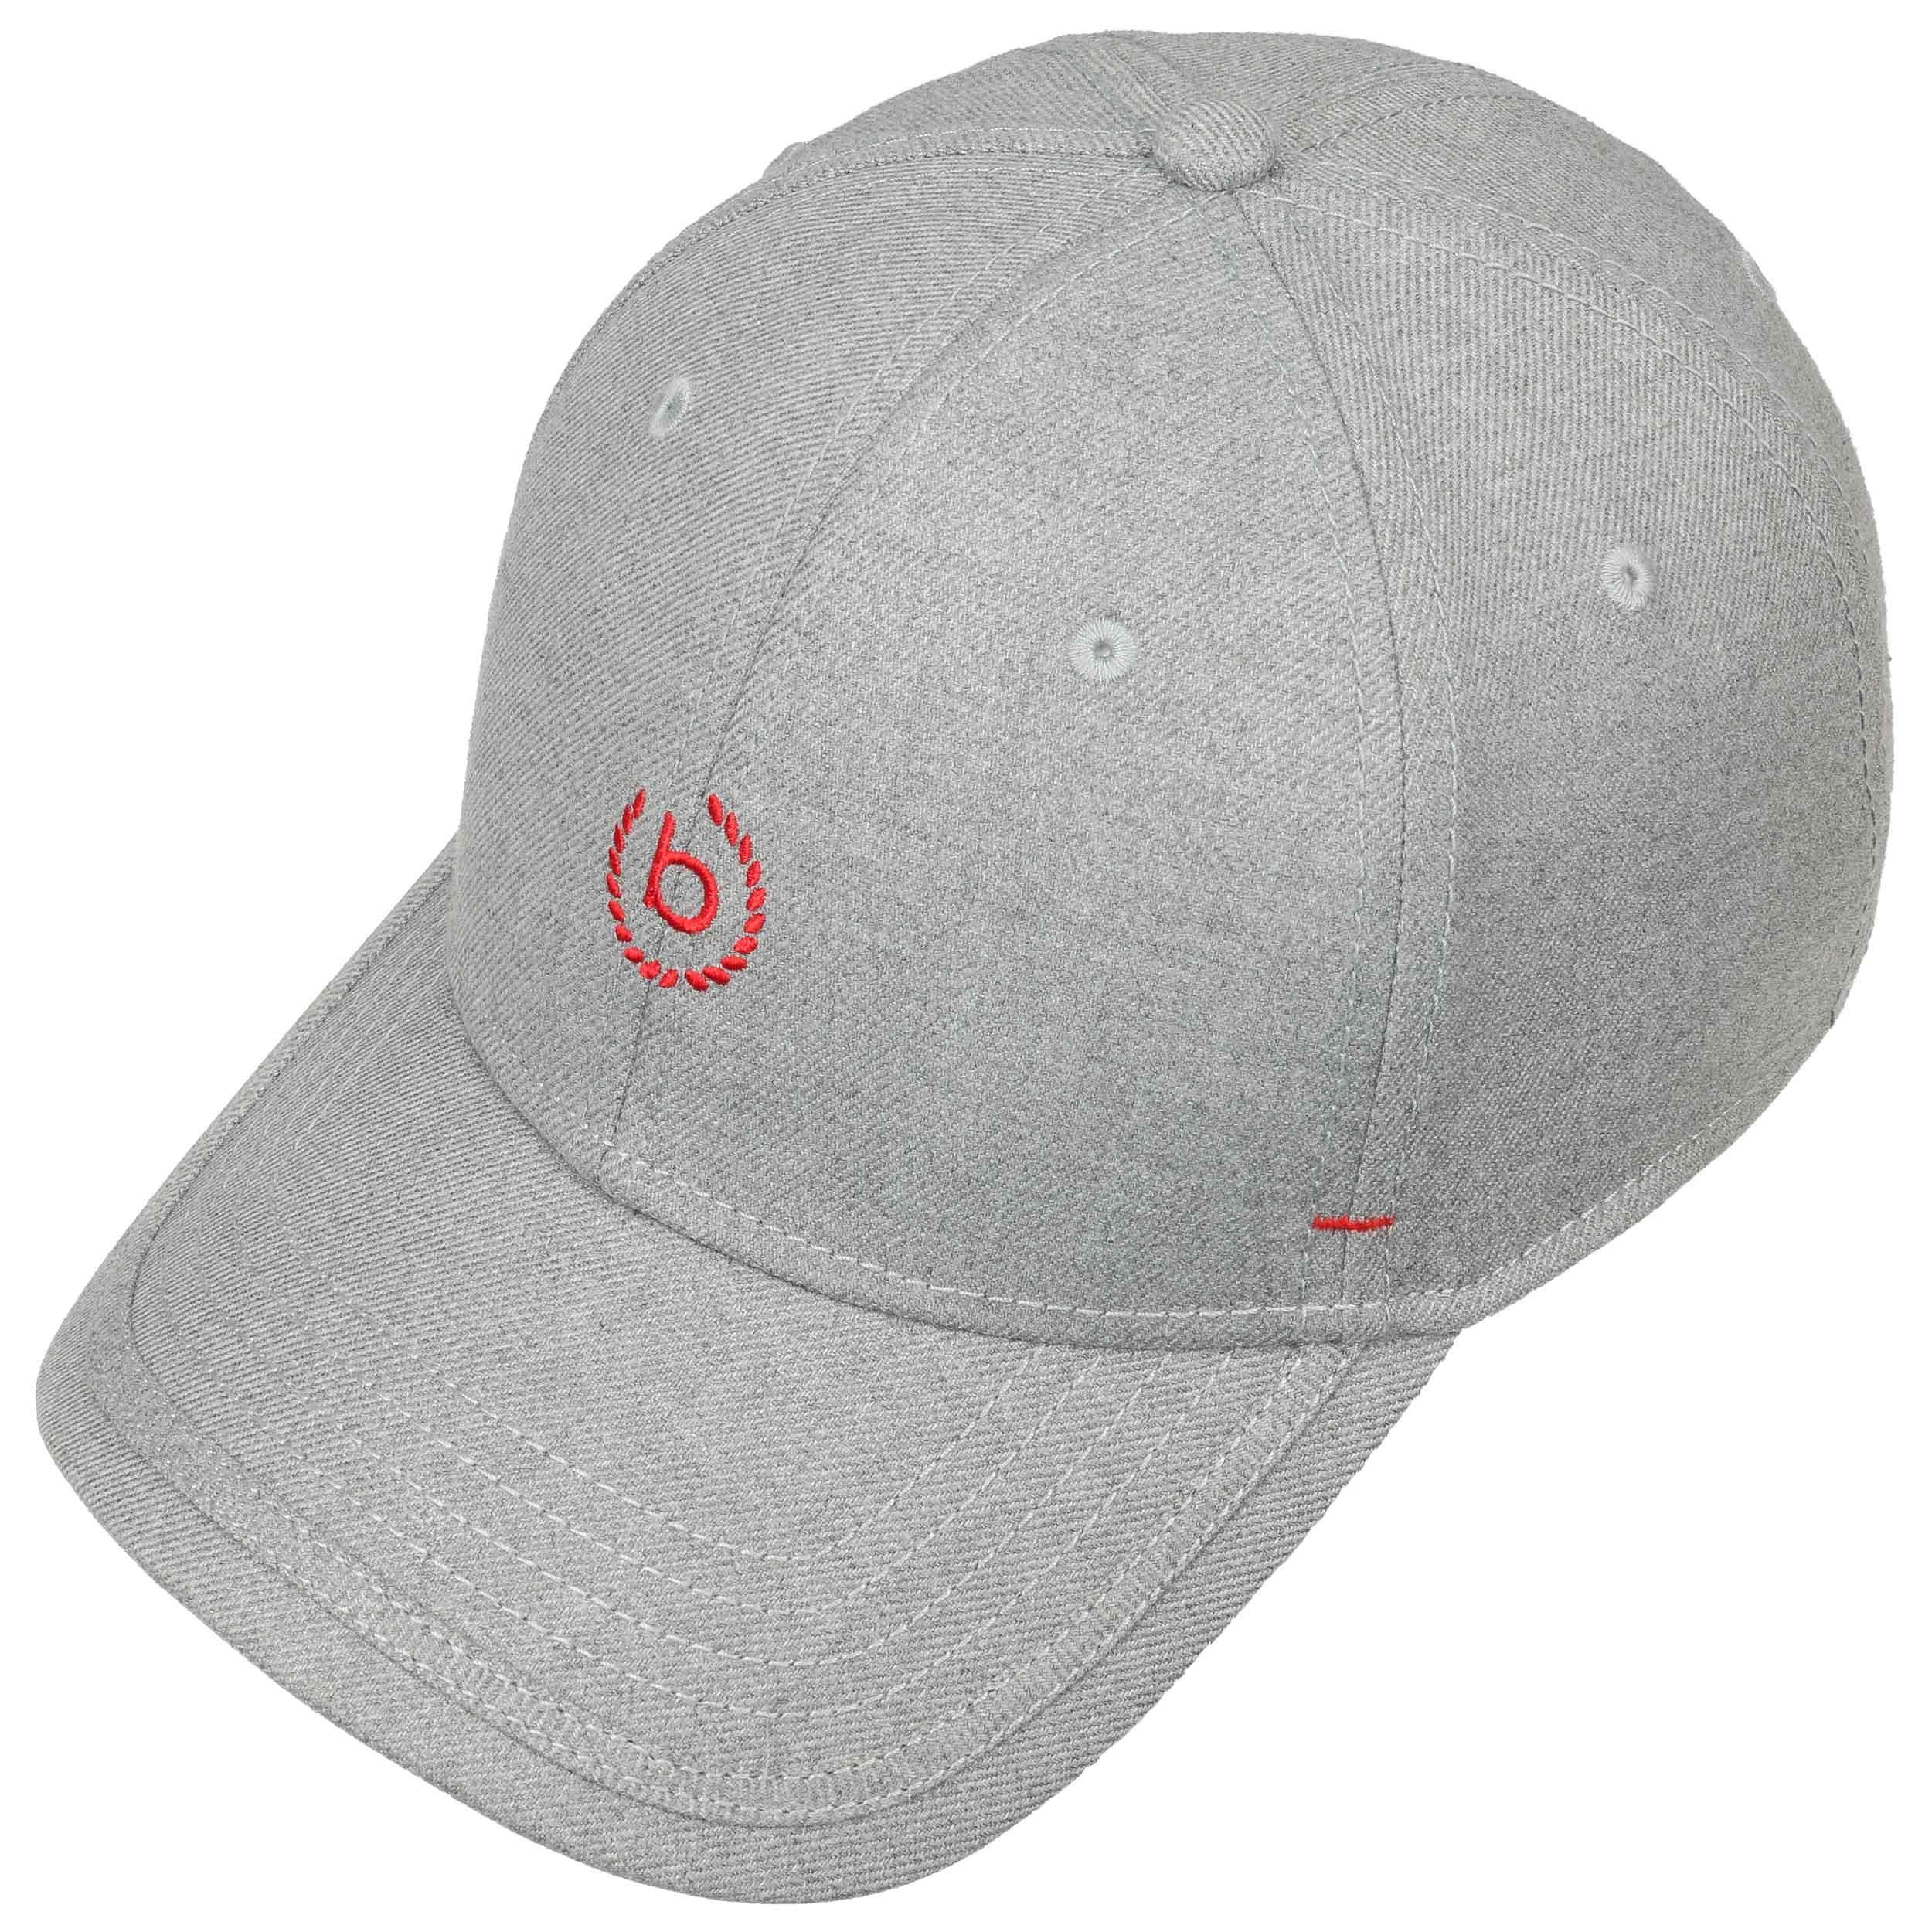 Logo Flexcity Baseball Cap by bugatti